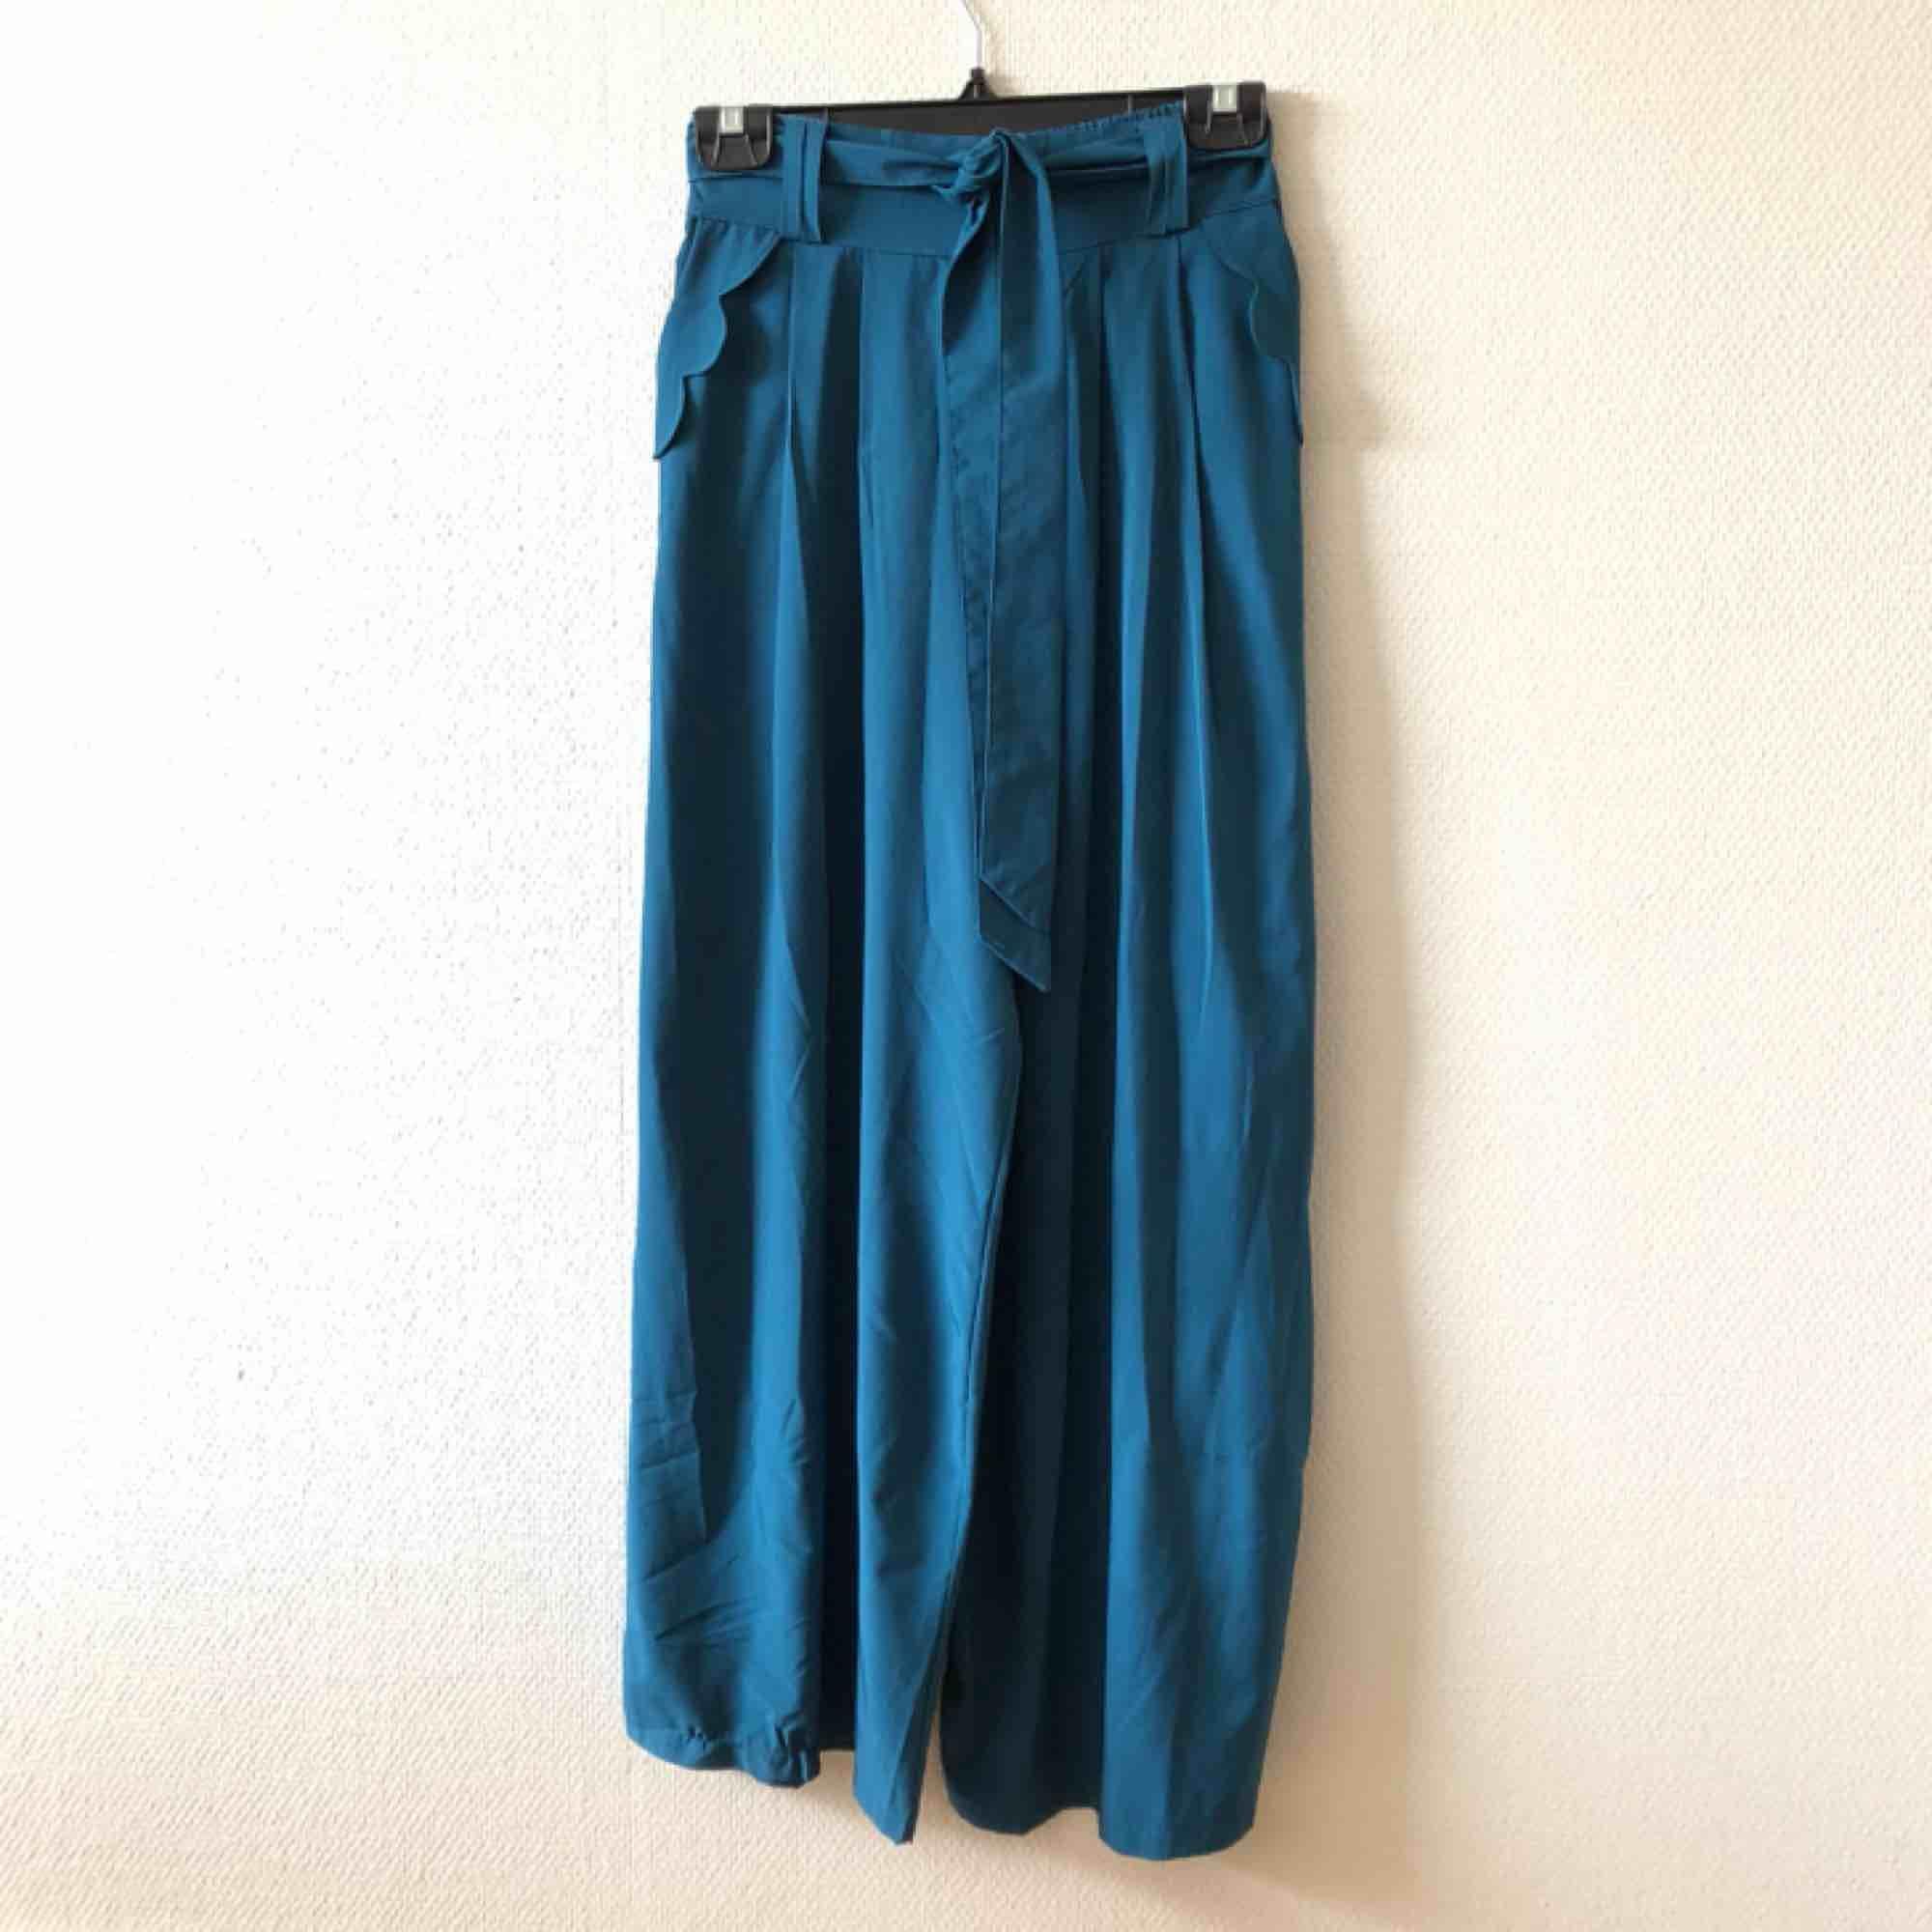 Vida & trendiga byxor med fina detaljer på fickorna   • Okänt märke • Okäng storlek, passar S-M • Högst troligen viskos men kan vara polyester • Köpta 2hand, fint skick trotts liten tråddragning • + Frakt 59kr. Jeans & Byxor.